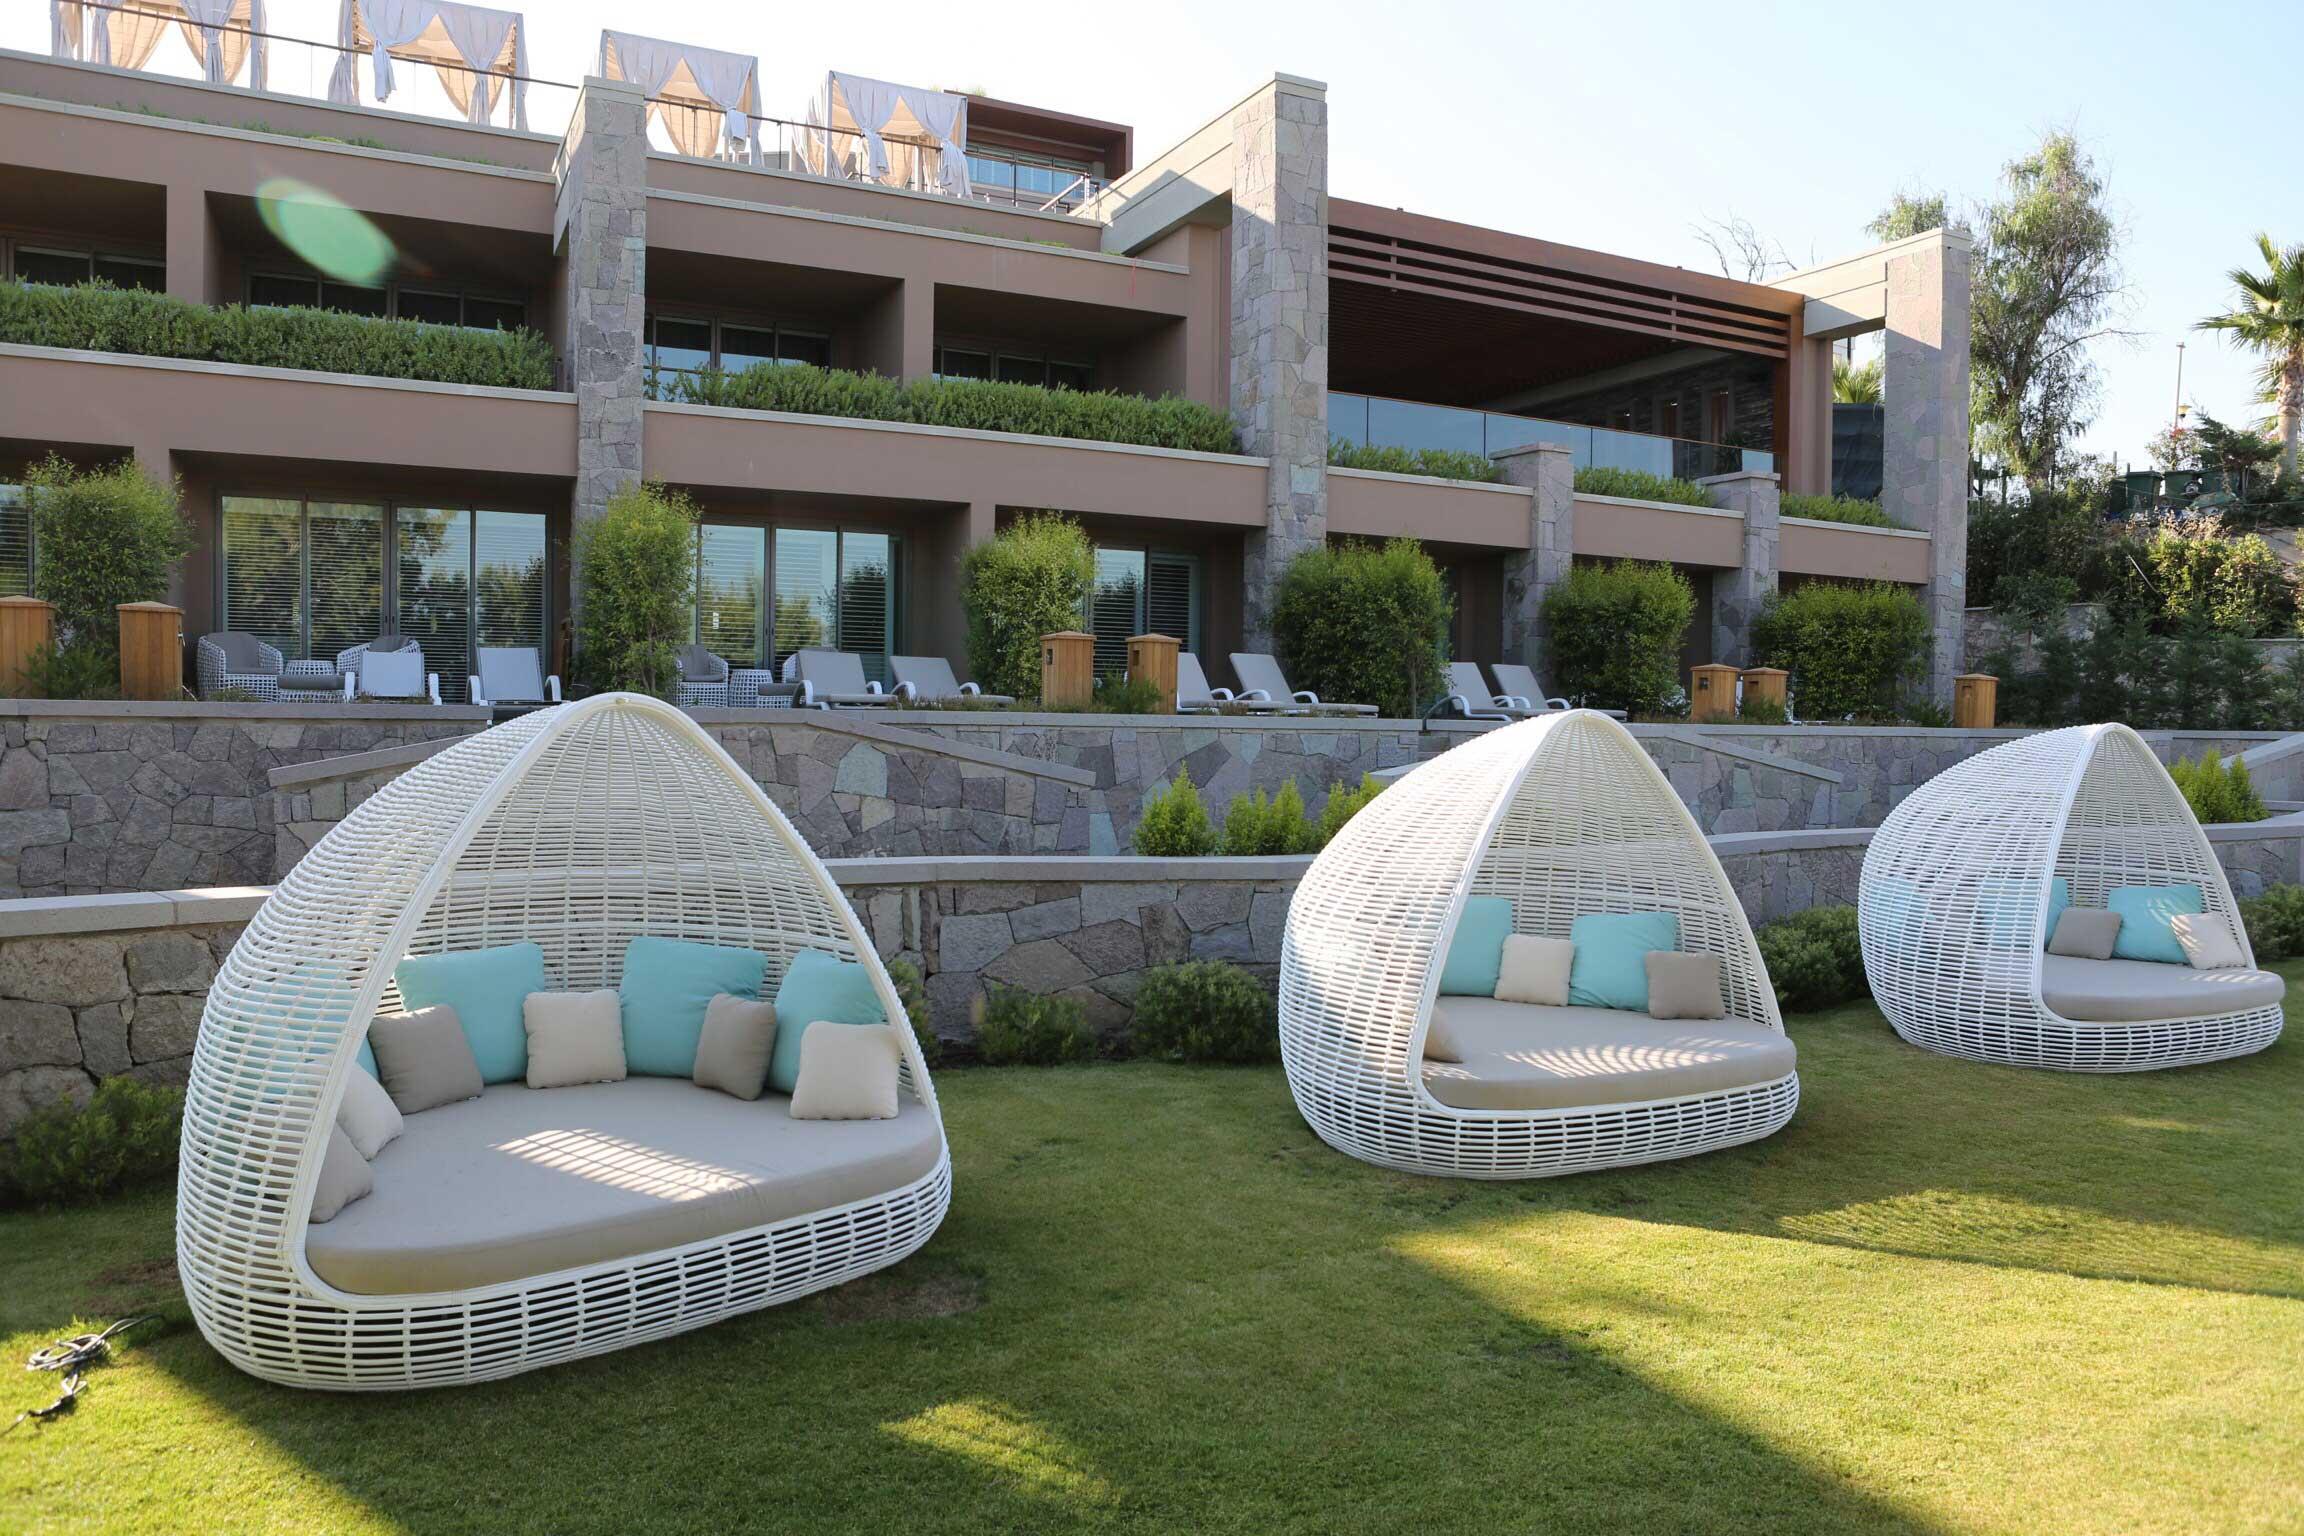 Lit de jardin toit résine Lusso : luxe contemporain